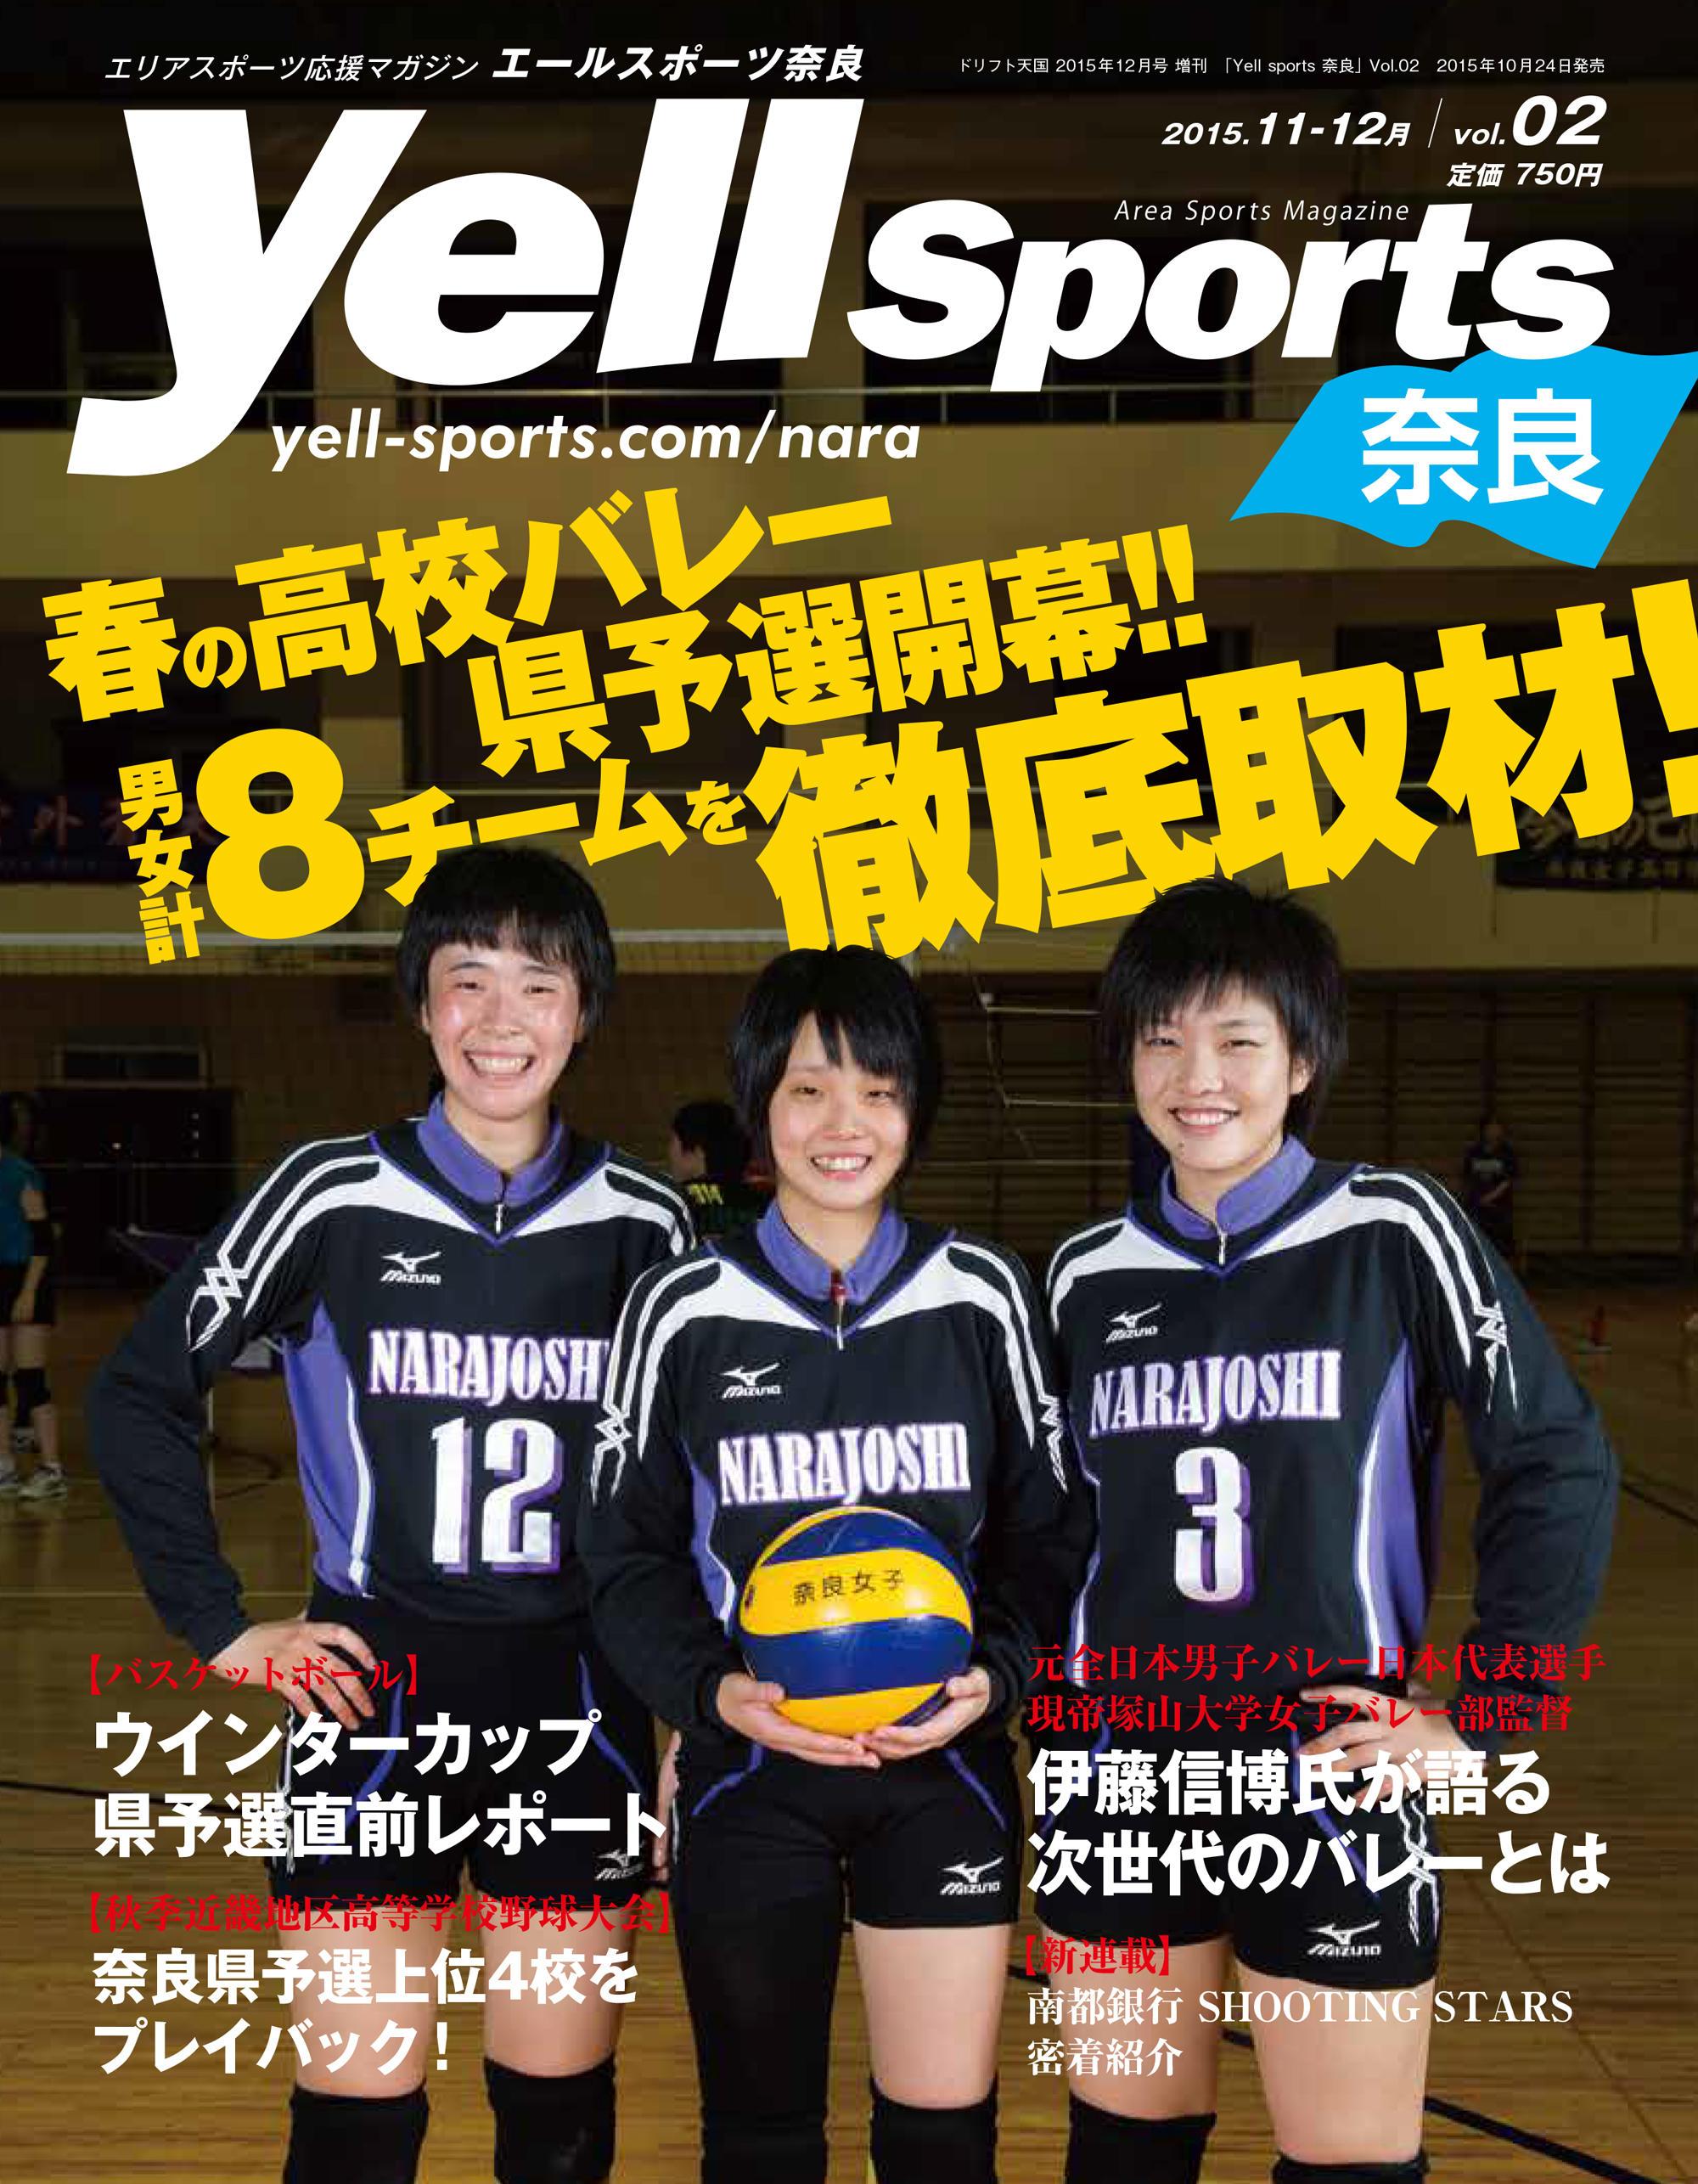 http://scrummachines.sakura.ne.jp/yell/nara/article/2015/nara1_1.jpg